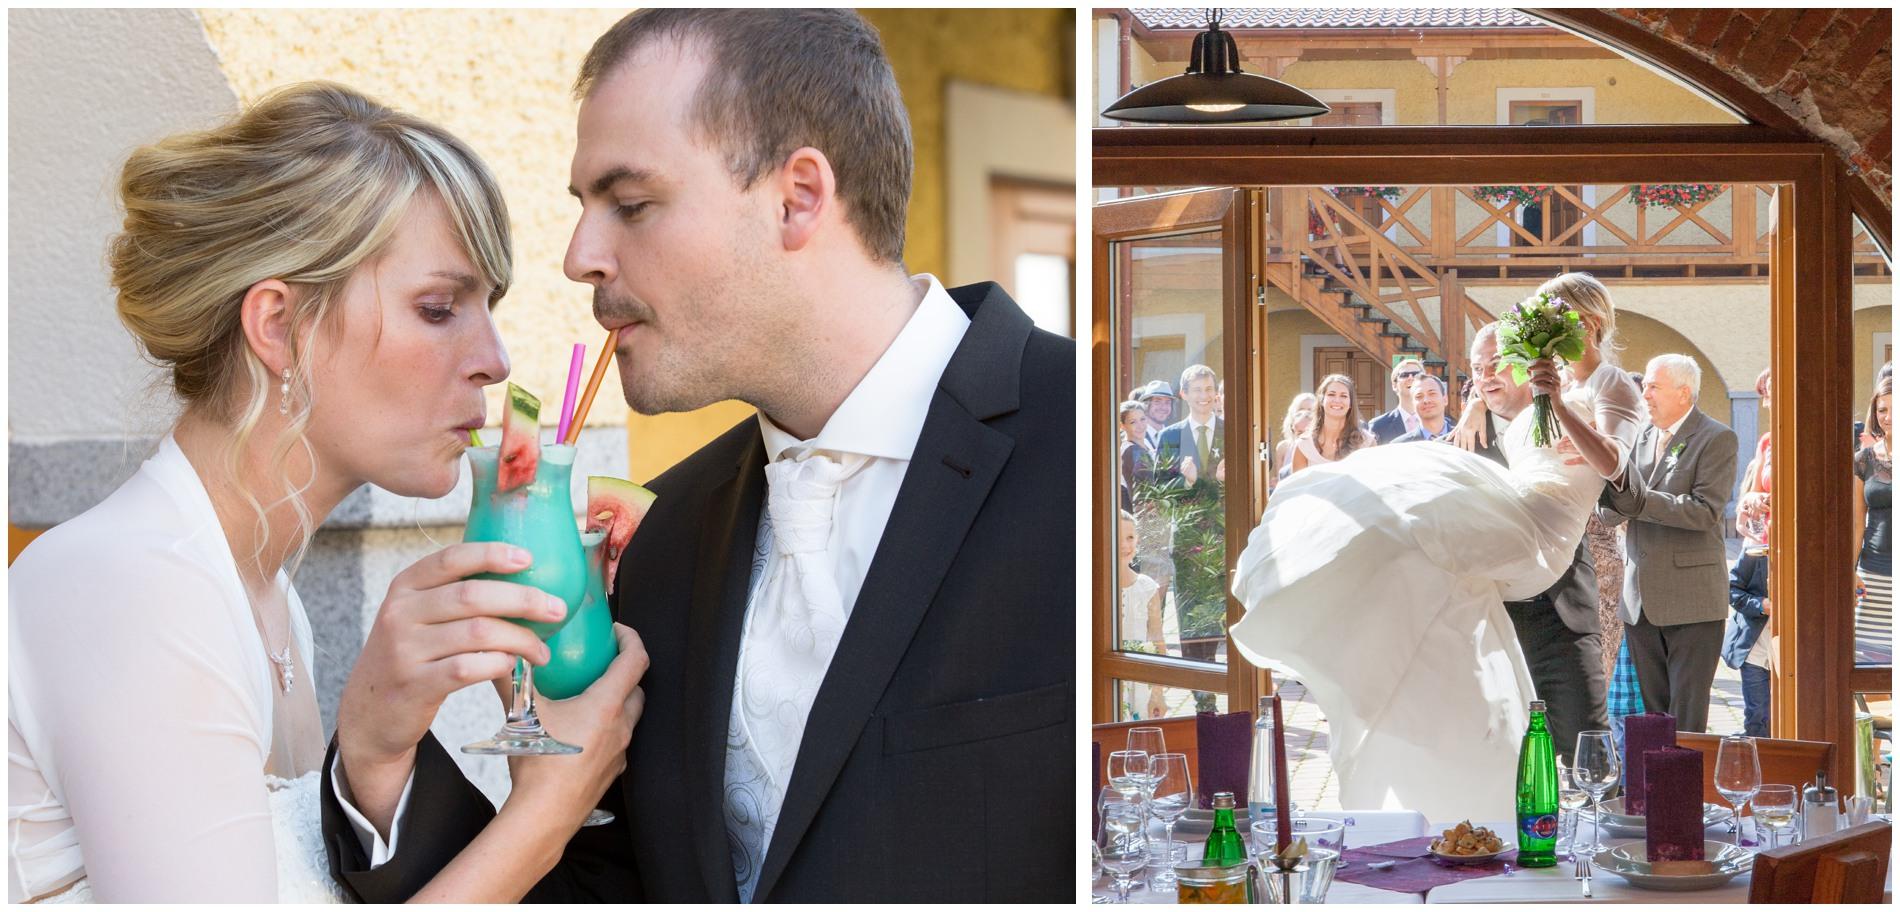 Hochzeitsfotos: Ludmila und Nico (Resort Stein in Cheb, Tschechien)